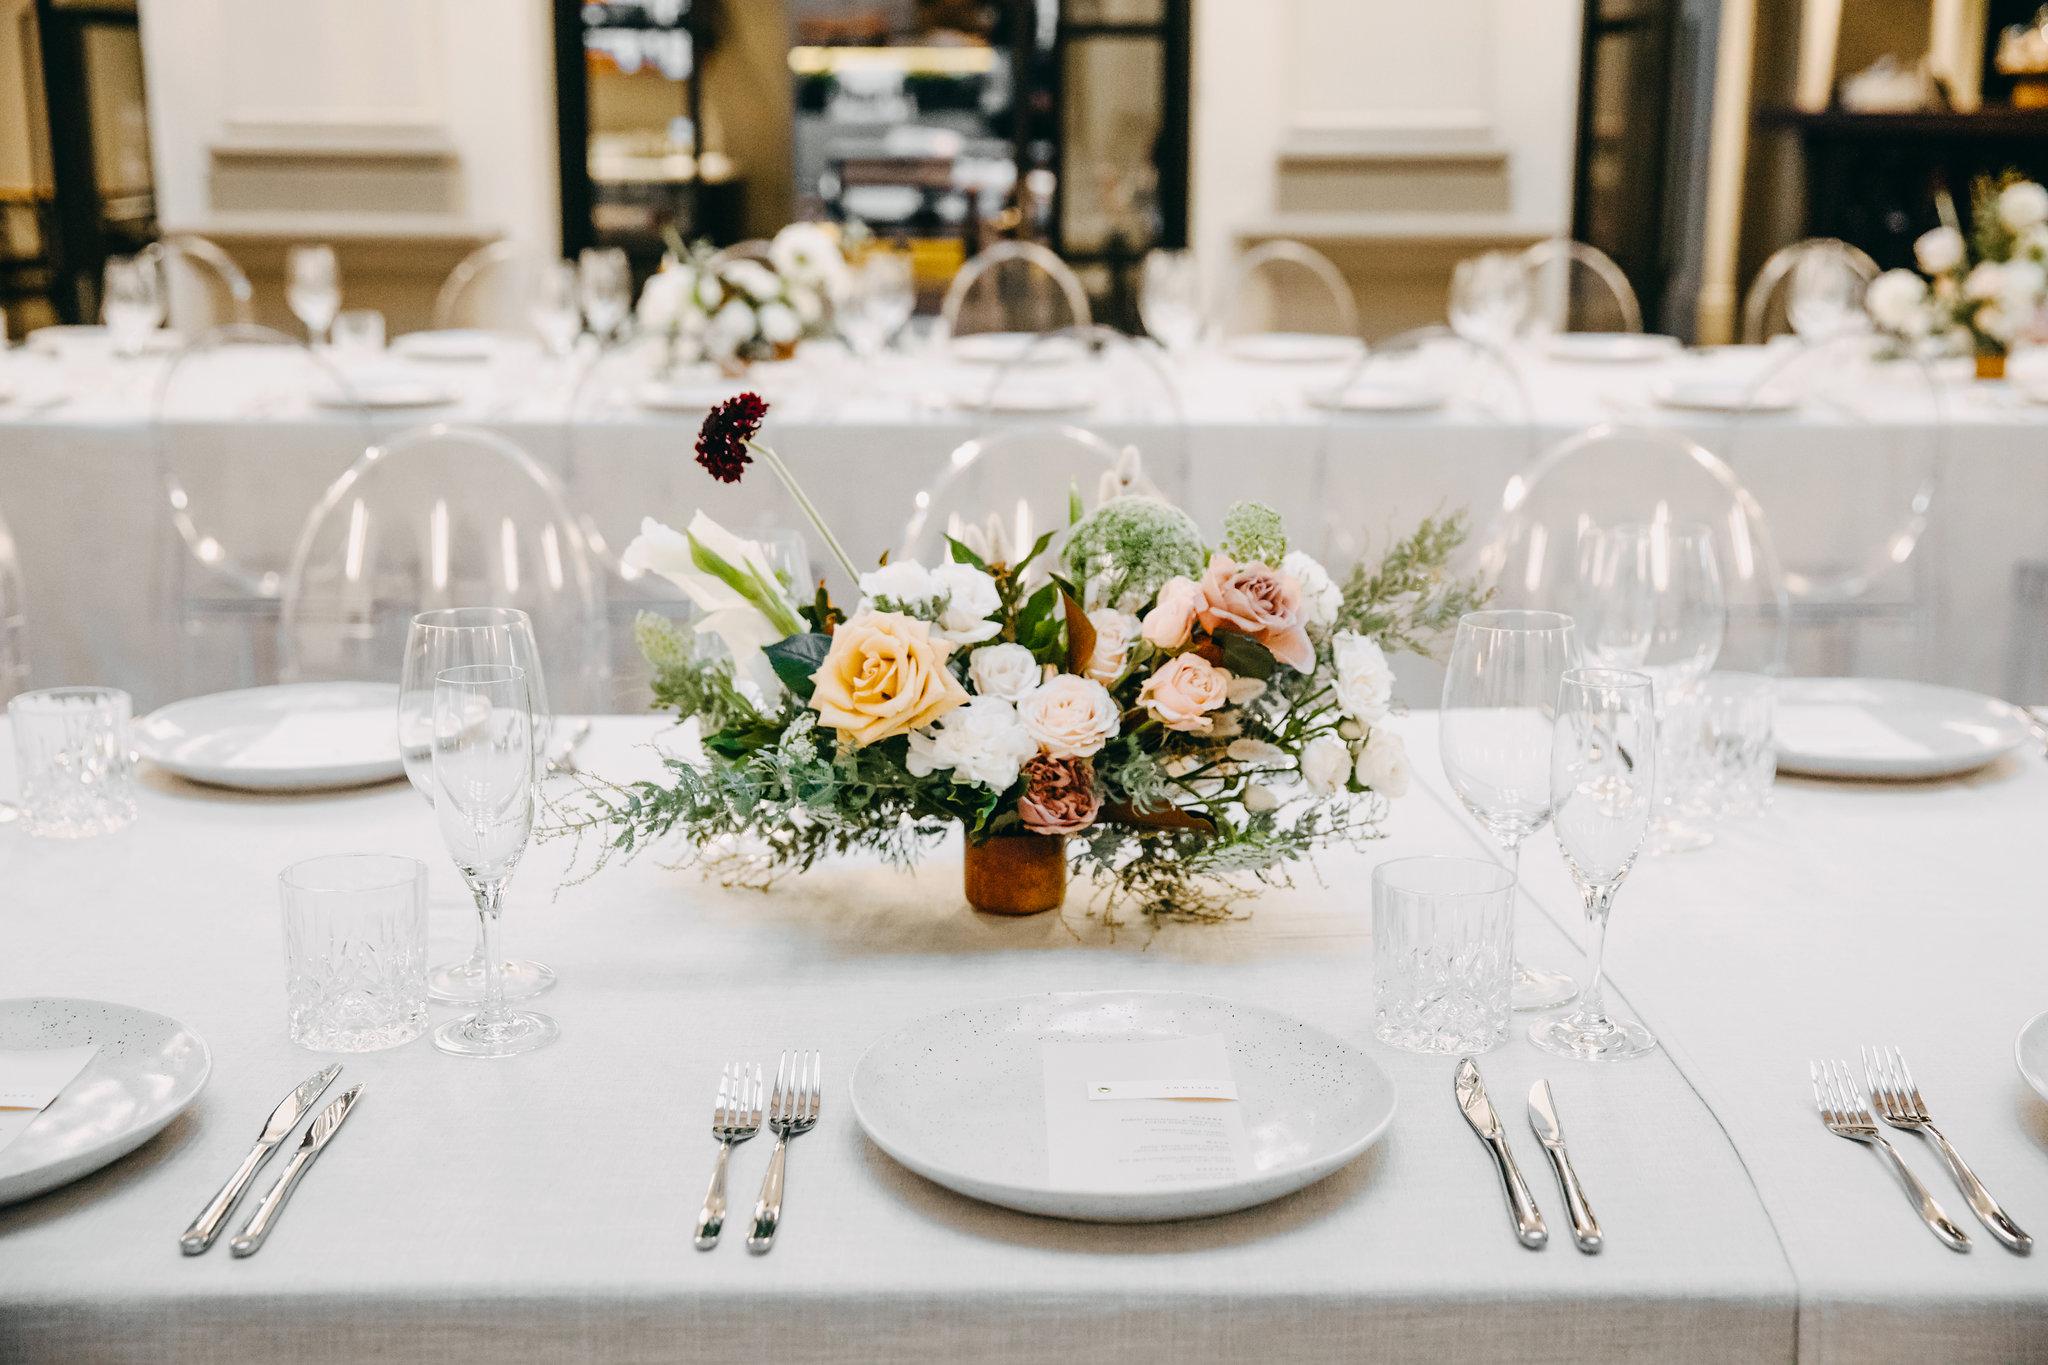 WEDDINGOPENDAY-STATEBUILDINGS-APR2018-4